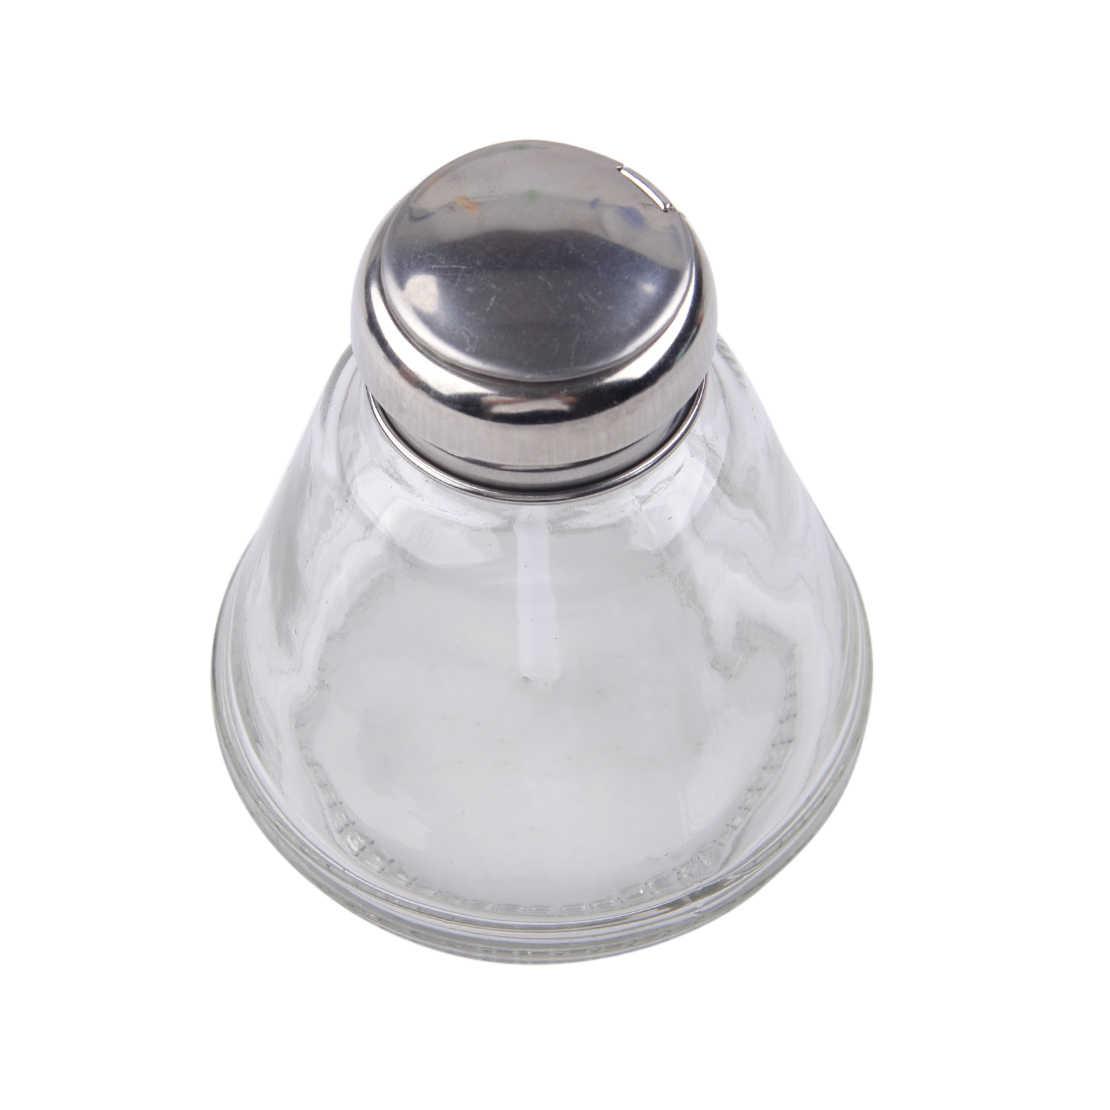 Letaosk Bình Thủy Tinh Báo Chí Loại Một-Cảm Ứng Chất Lỏng Bơm 150 Ml Cho Tẩy Sơn Trang Điểm Rượu